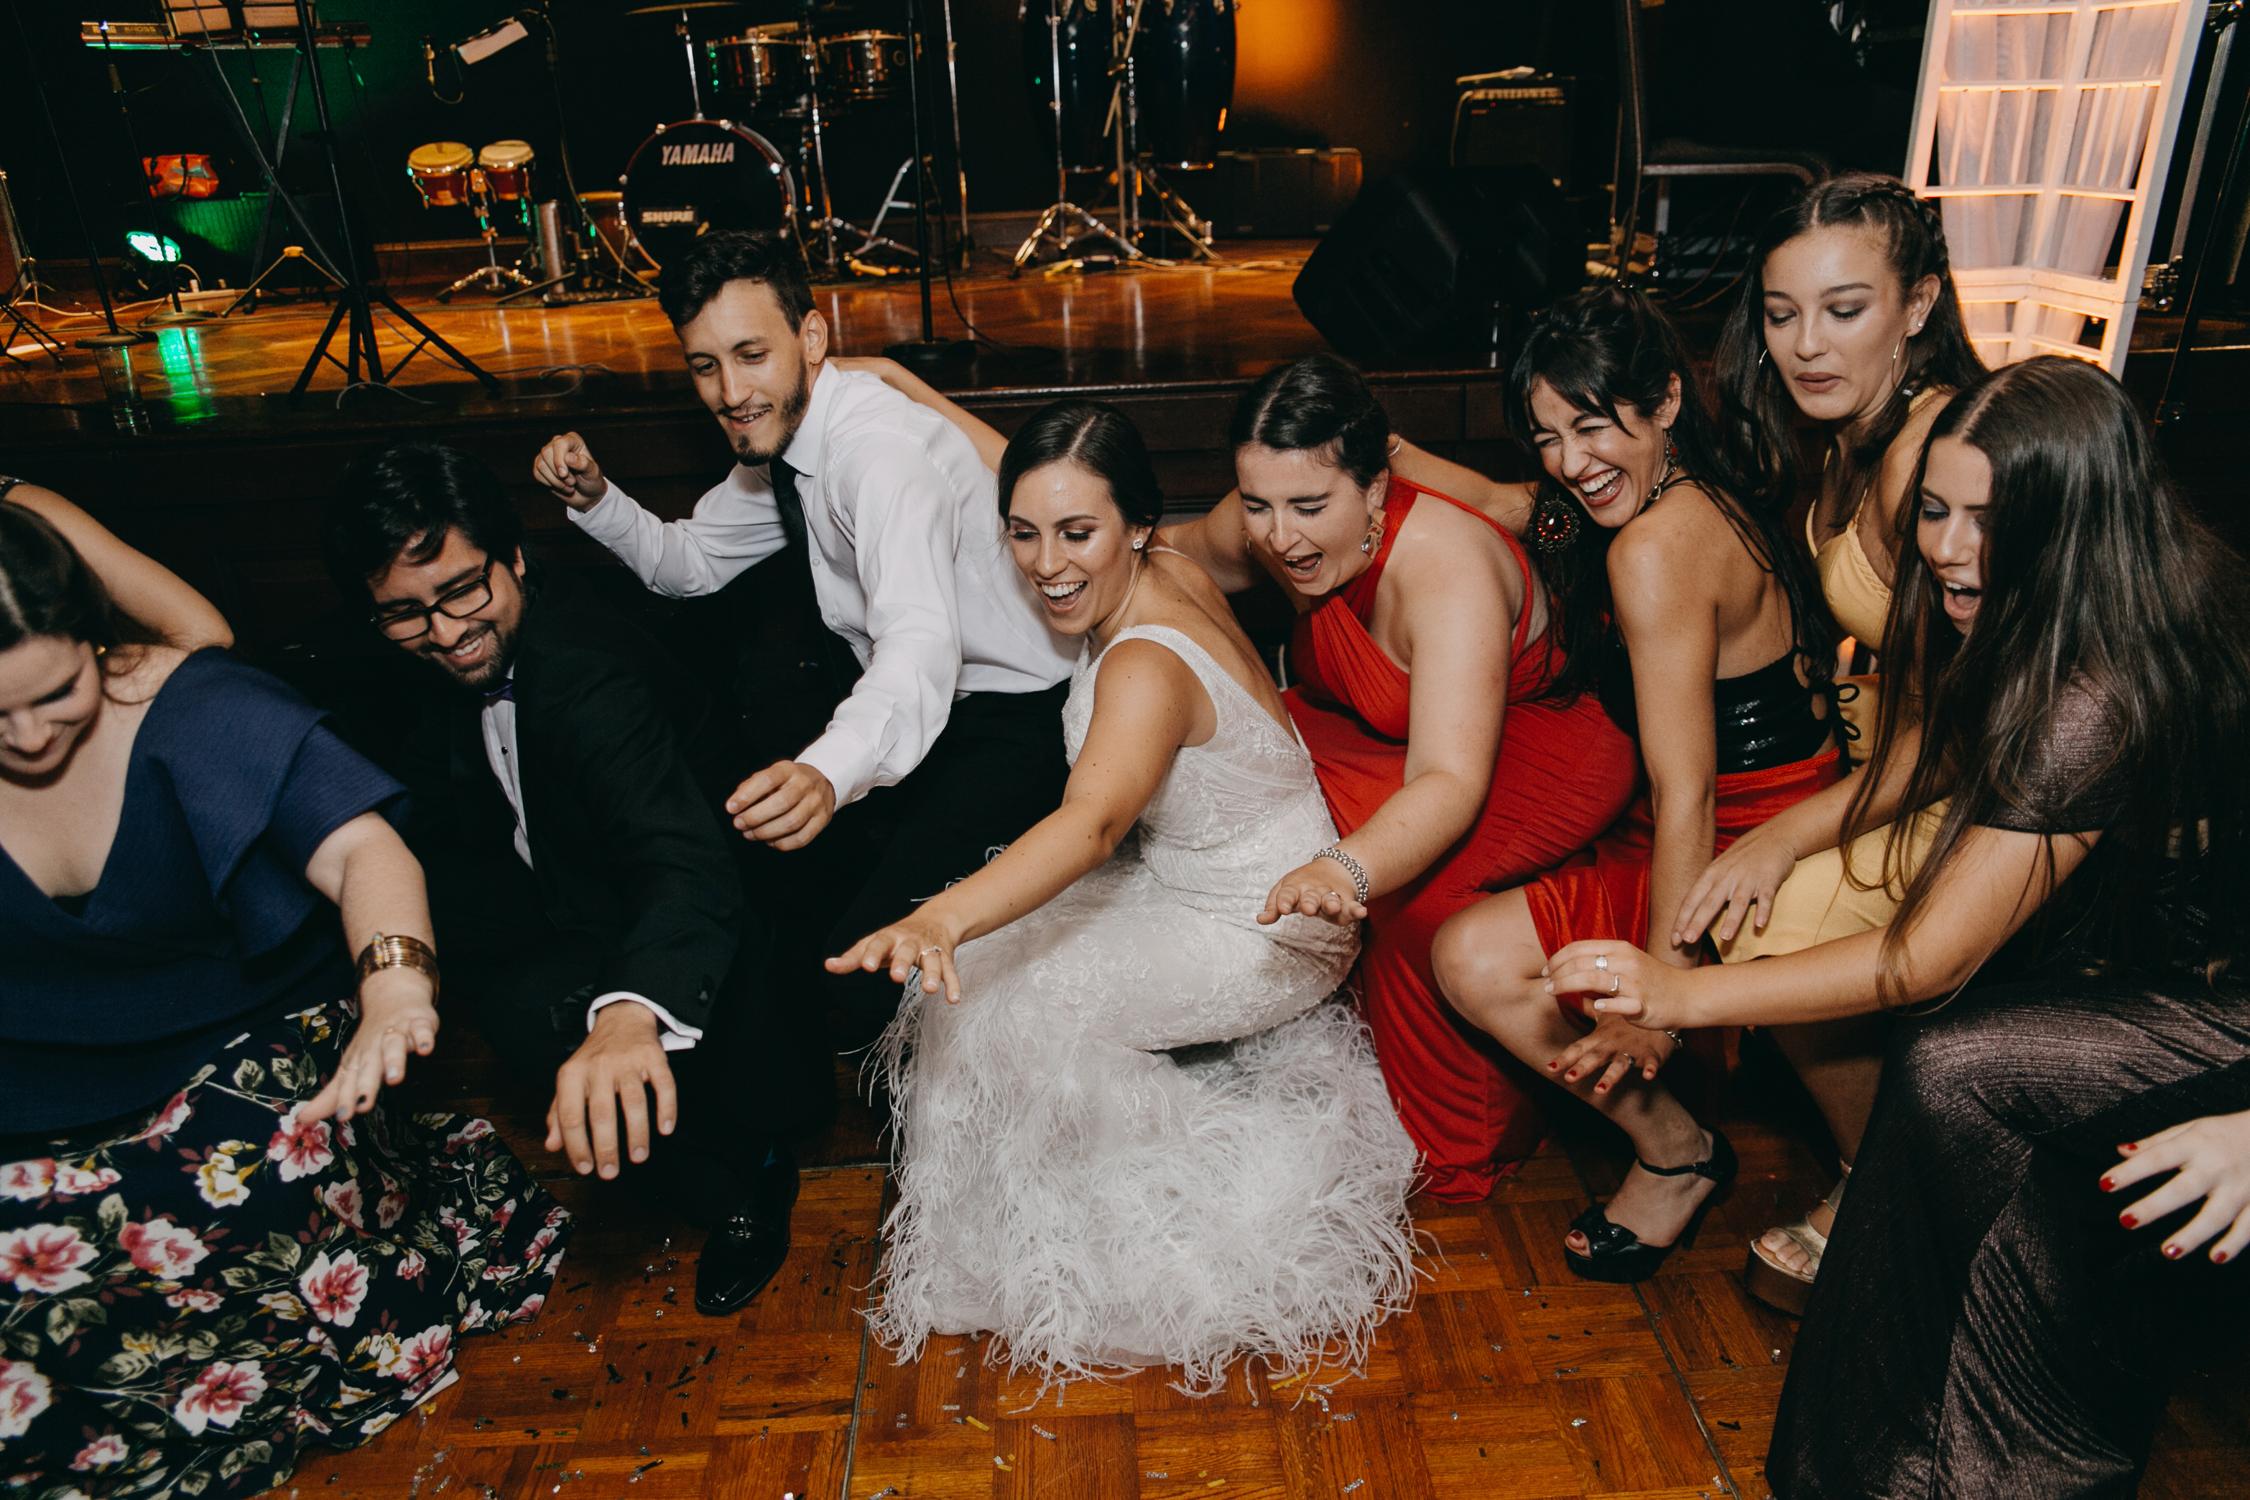 Michelle-Agurto-Fotografia-Bodas-Ecuador-Destination-Wedding-Photographer-Ecuador-Mercedes-Alvaro-275.JPG